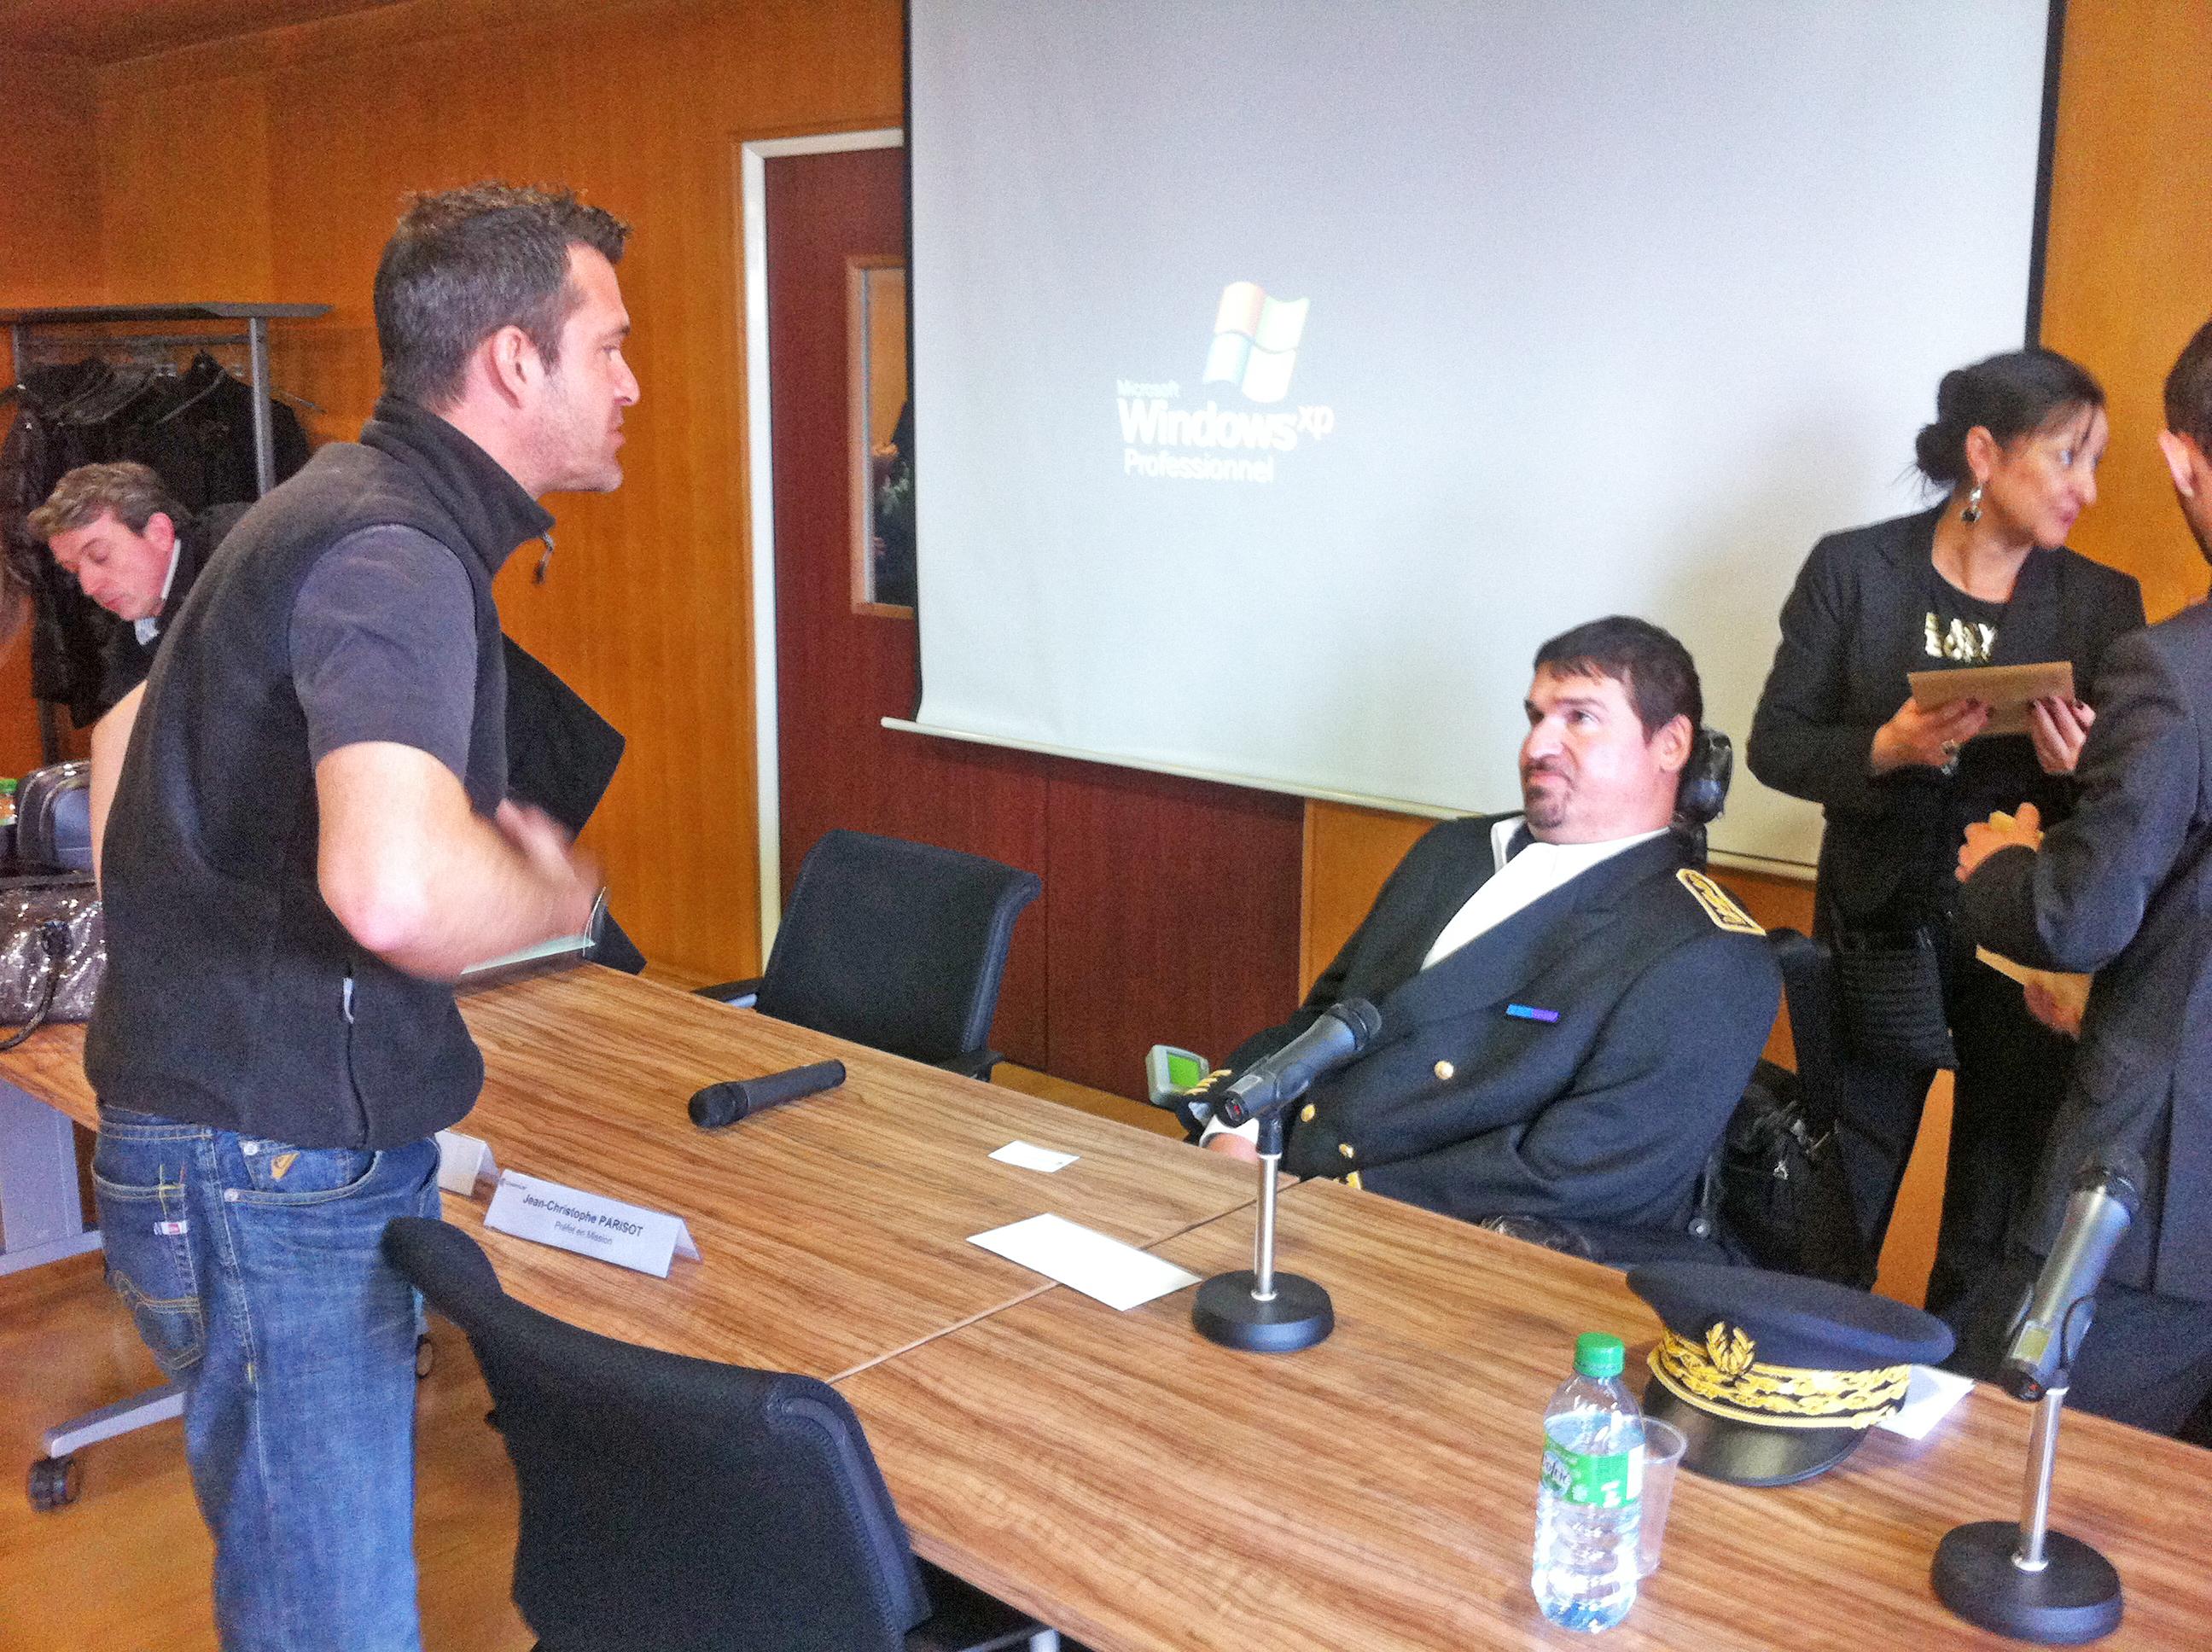 Rencontre avec monsieur le préfet Jean Christophe Parisot à la cci de Montpellier